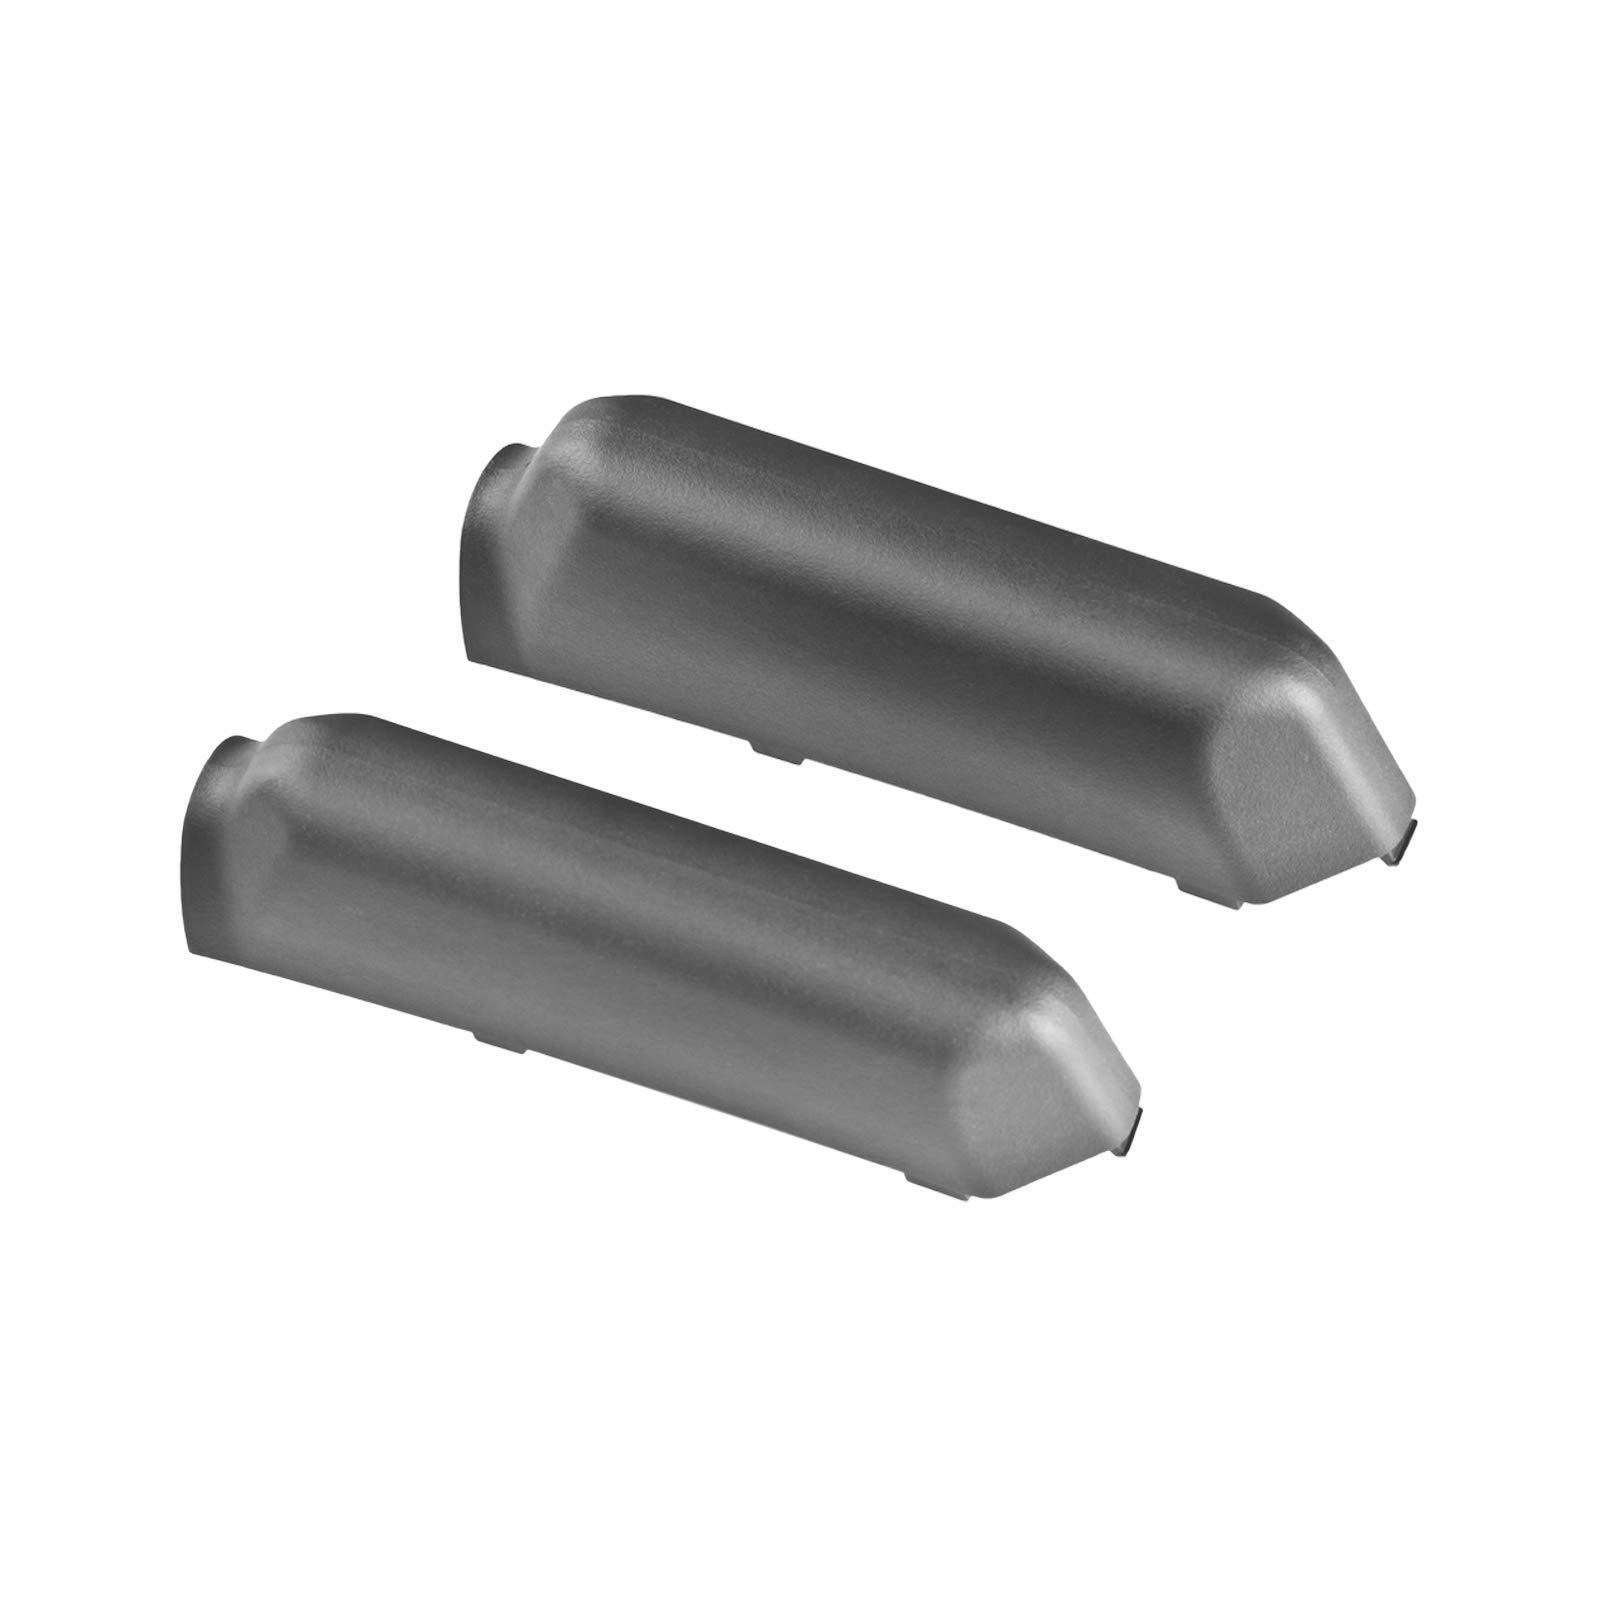 Magpul Hunter/SGA Cheek Riser Kit, Gray, Low by Magpul